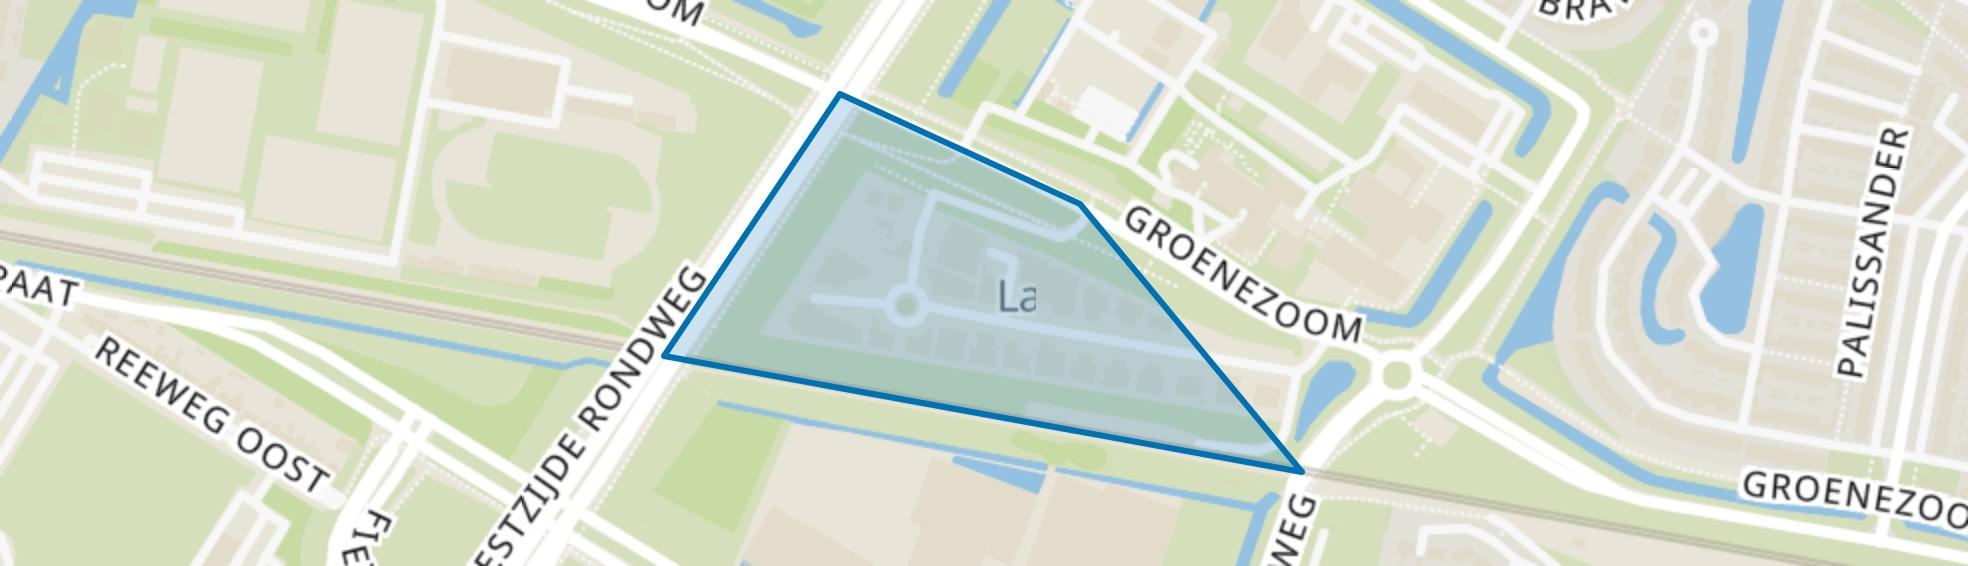 Bedrijventerrein Groene Zoom, Dordrecht map